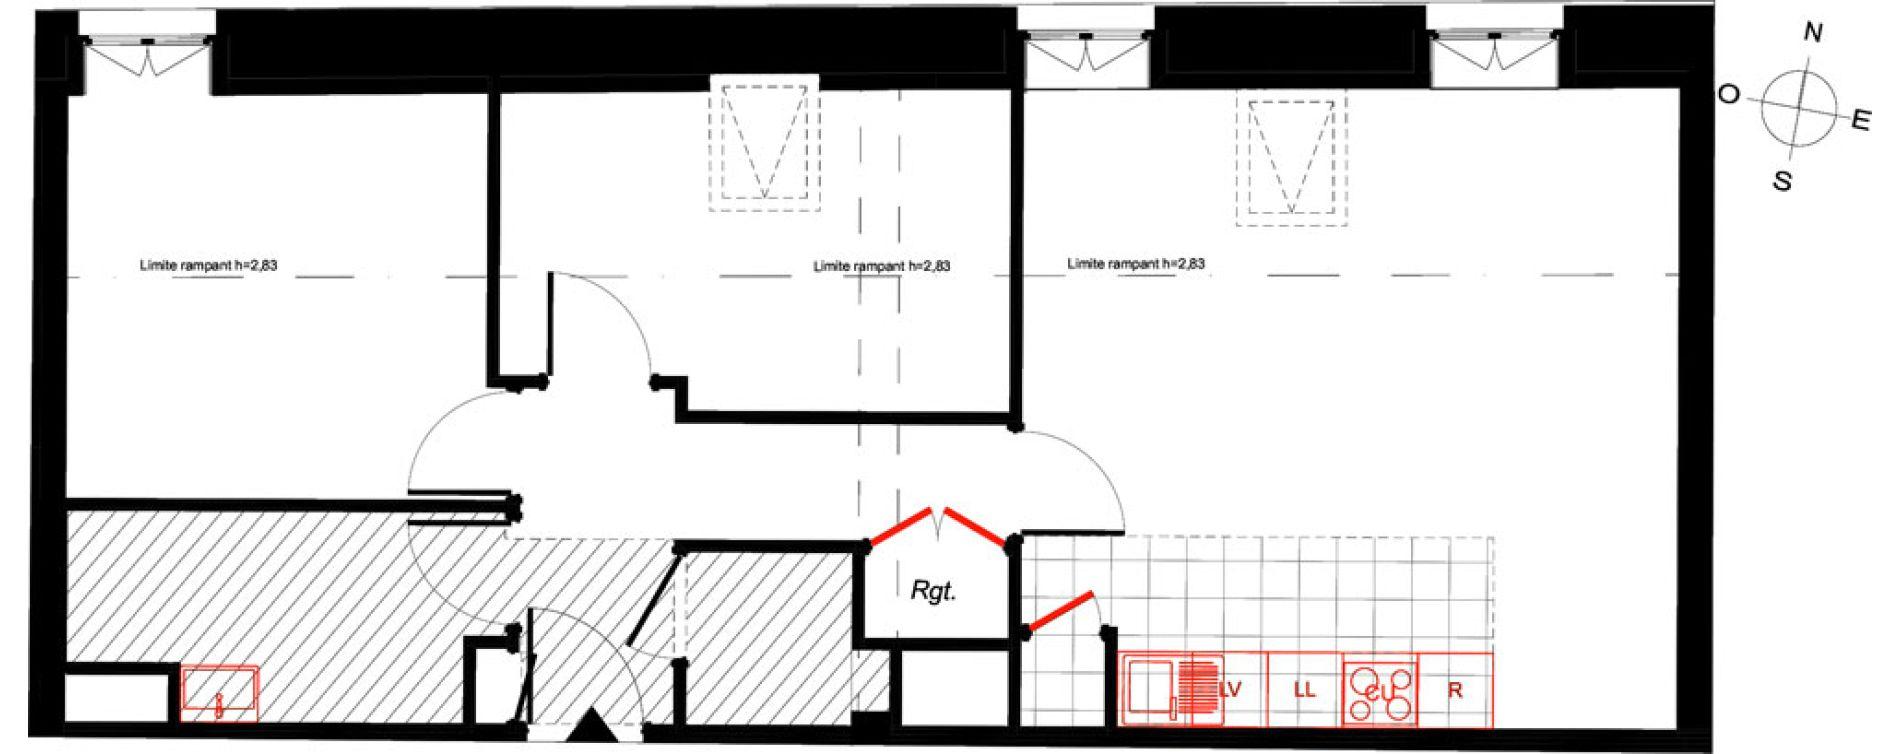 Appartement T3 de 58,74 m2 à Saint-Malo Intra-muros